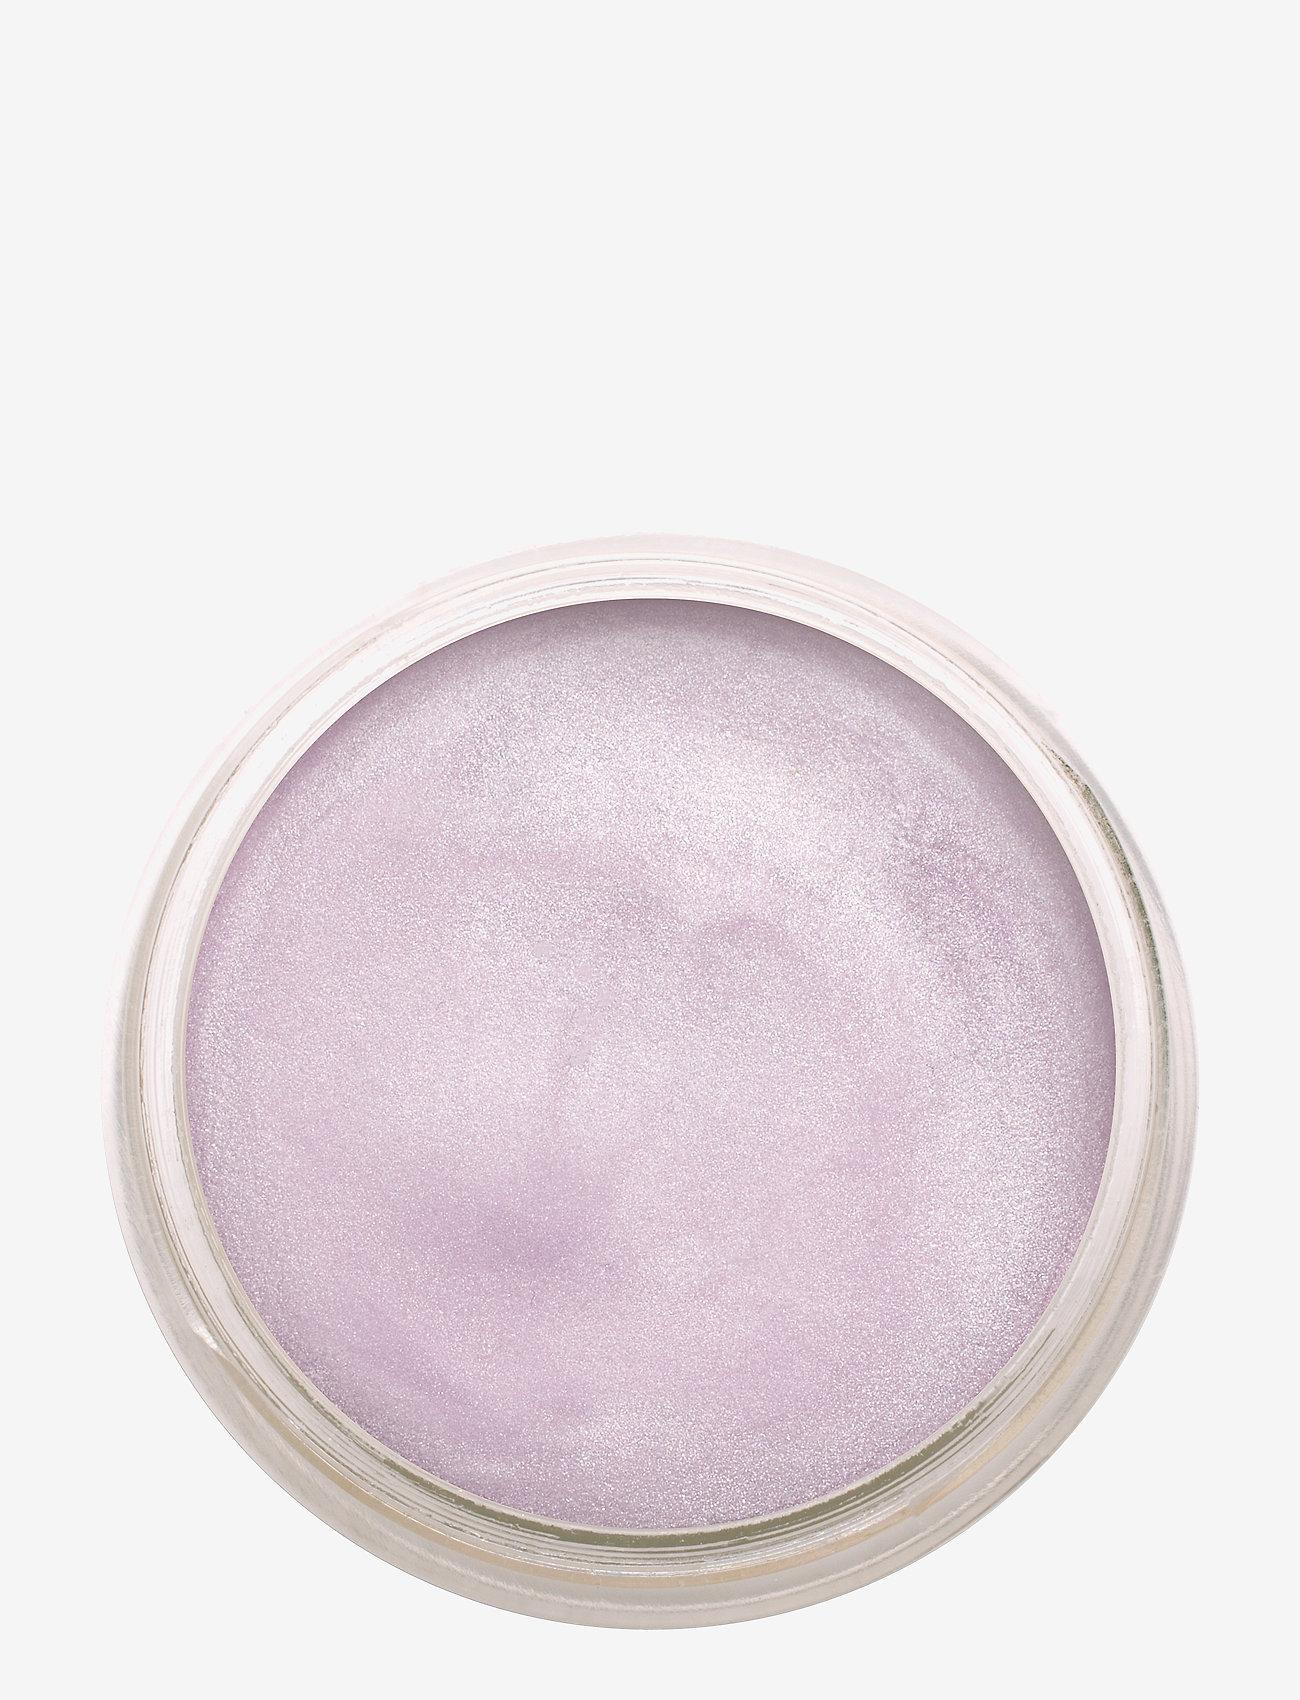 Kora Organics - Amethyst Luminizer - highlighter - amethyst - 1